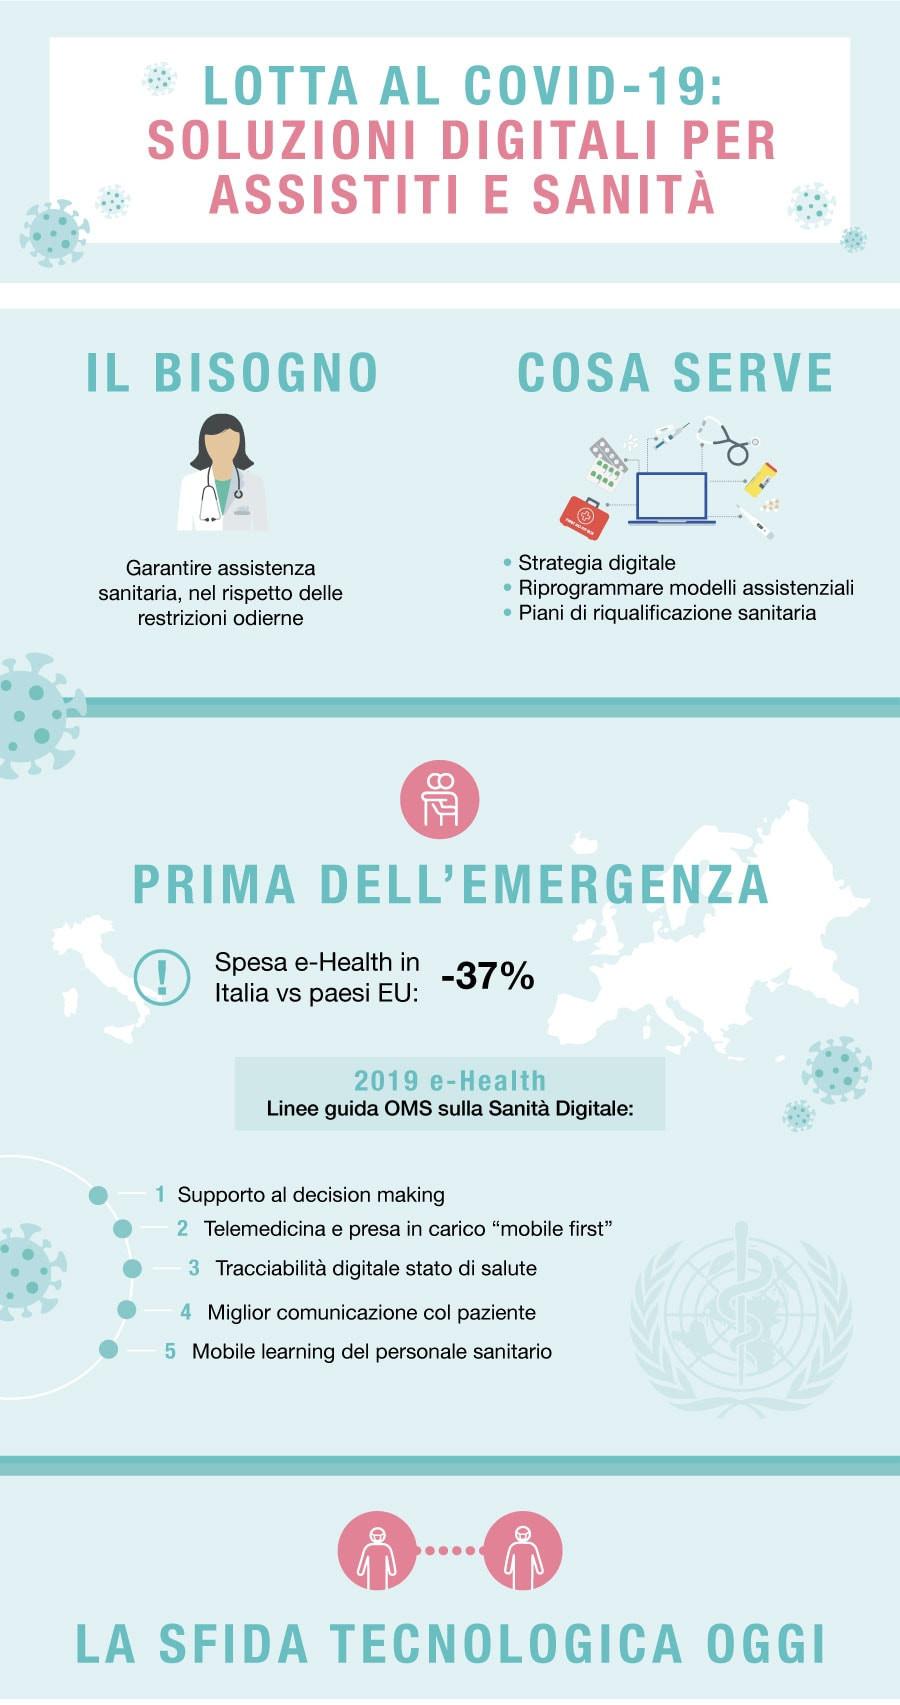 Tecnologie digitali per la lotta al covid-19 a supporto della Sanità - Infografica - parte 1